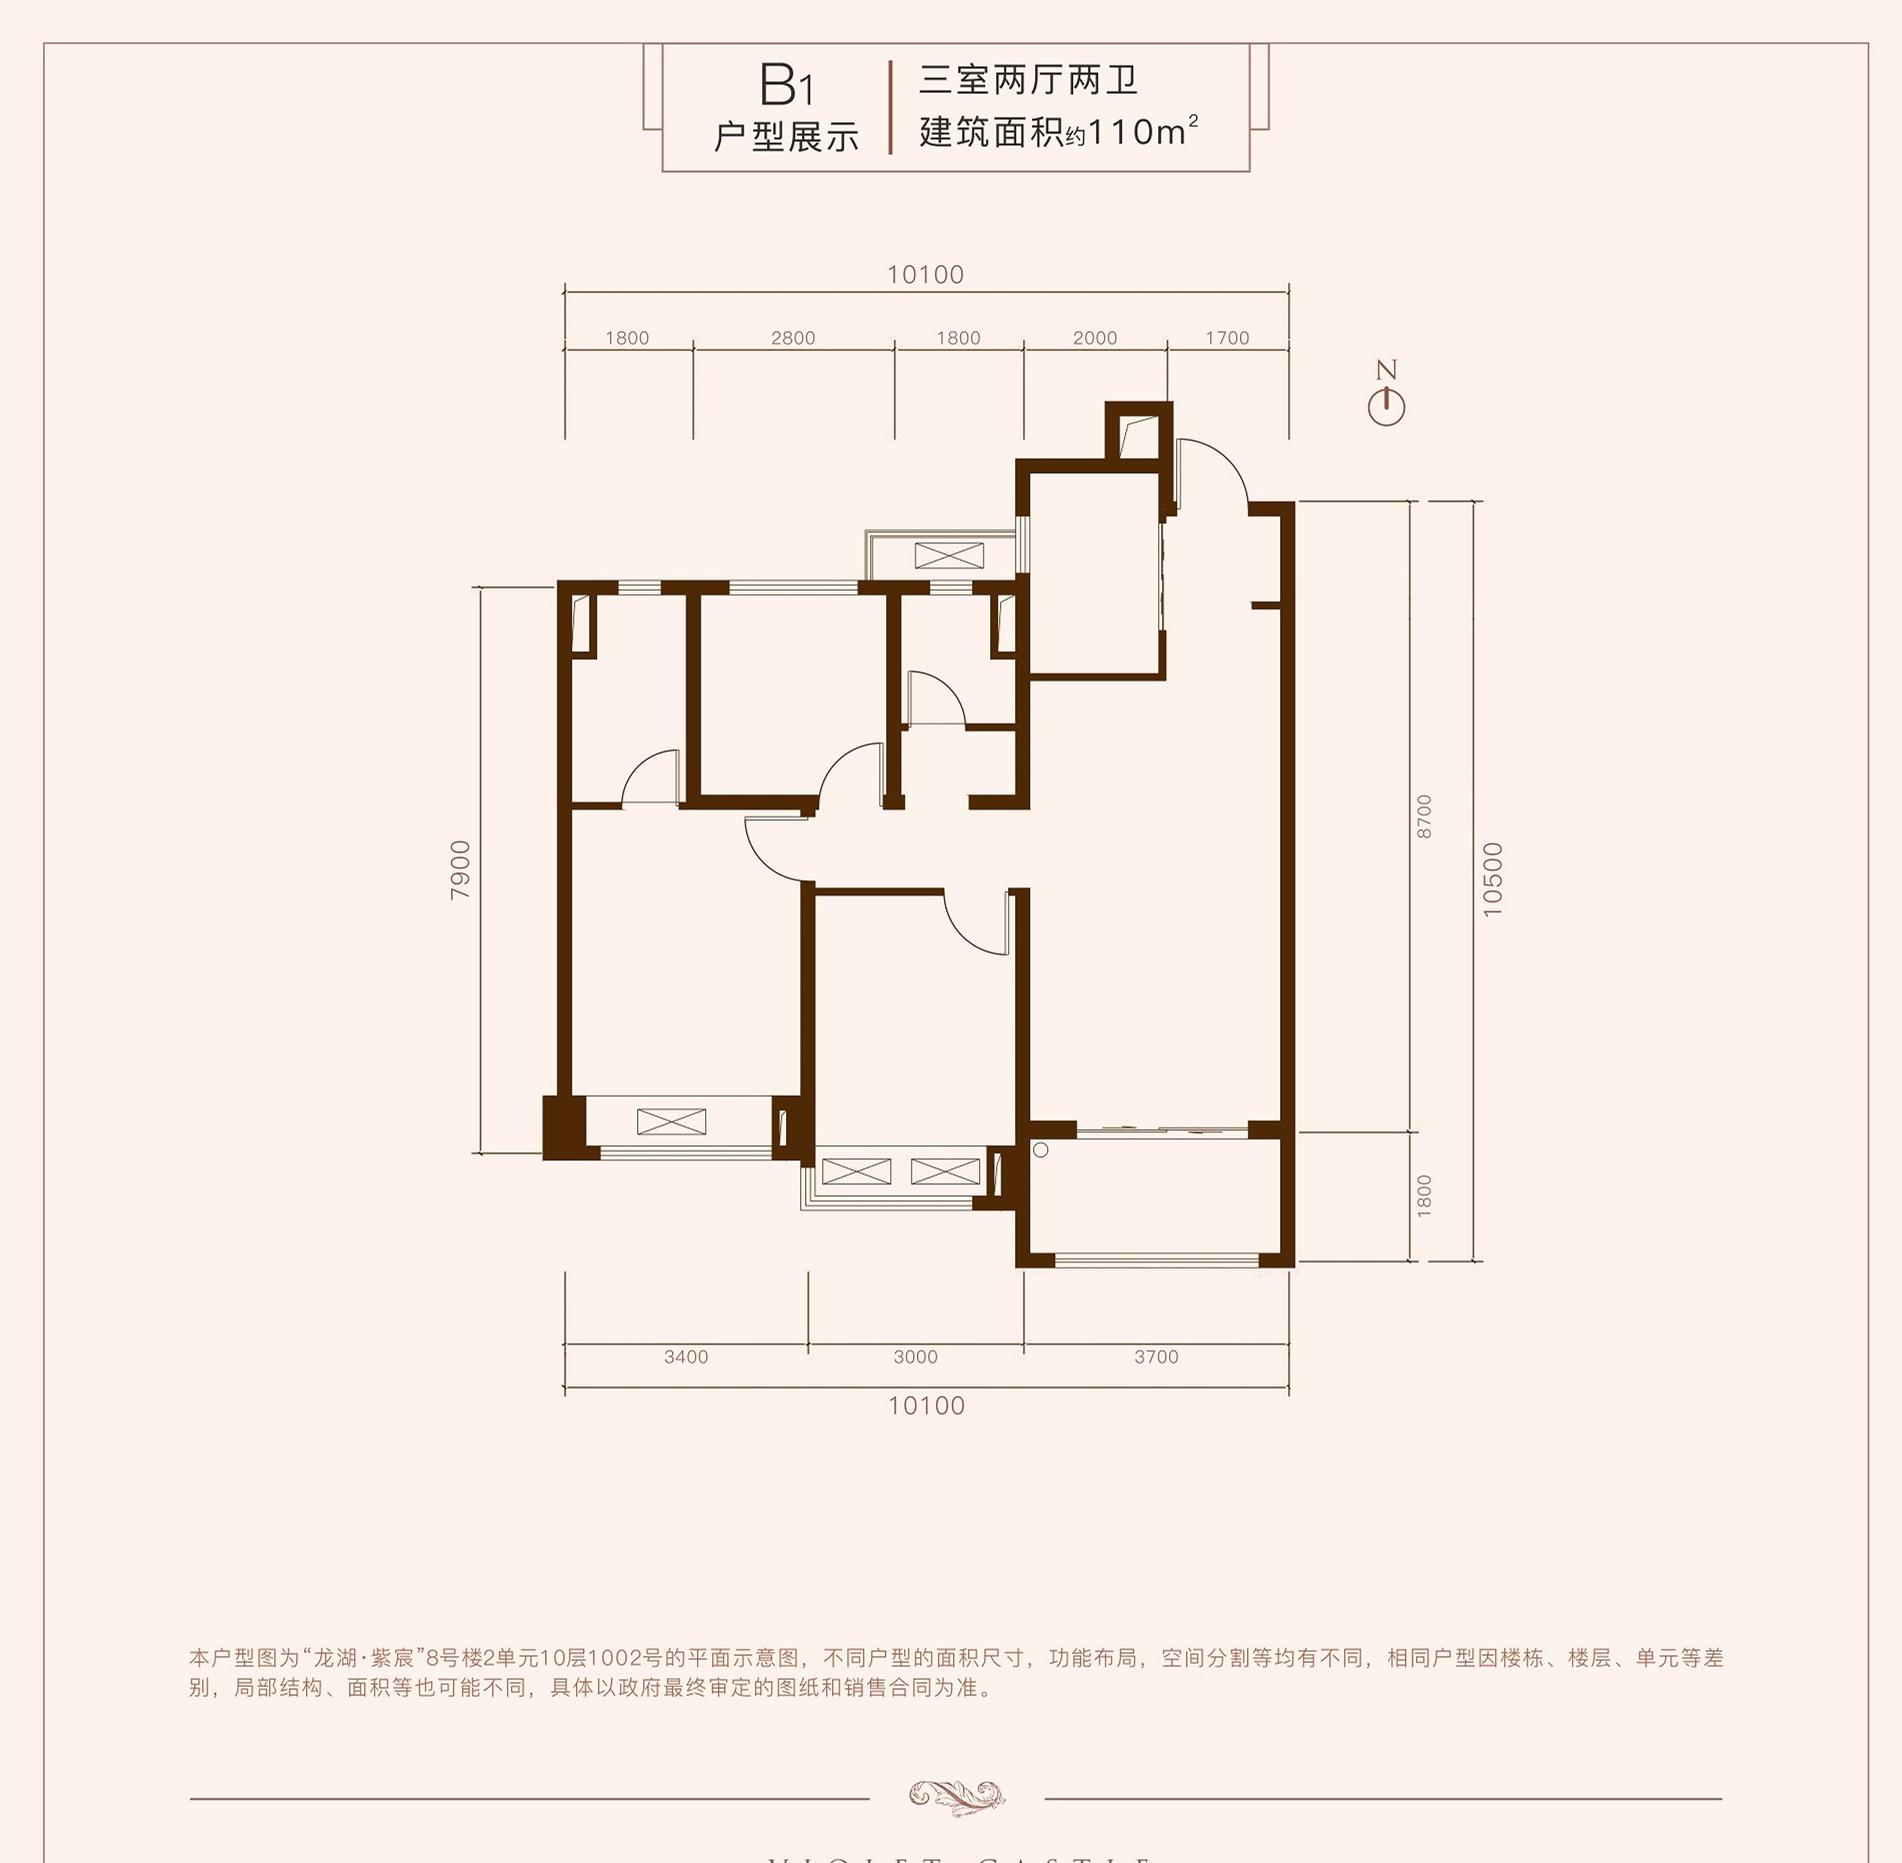 龙湖紫宸110㎡三室两厅两卫B1户型